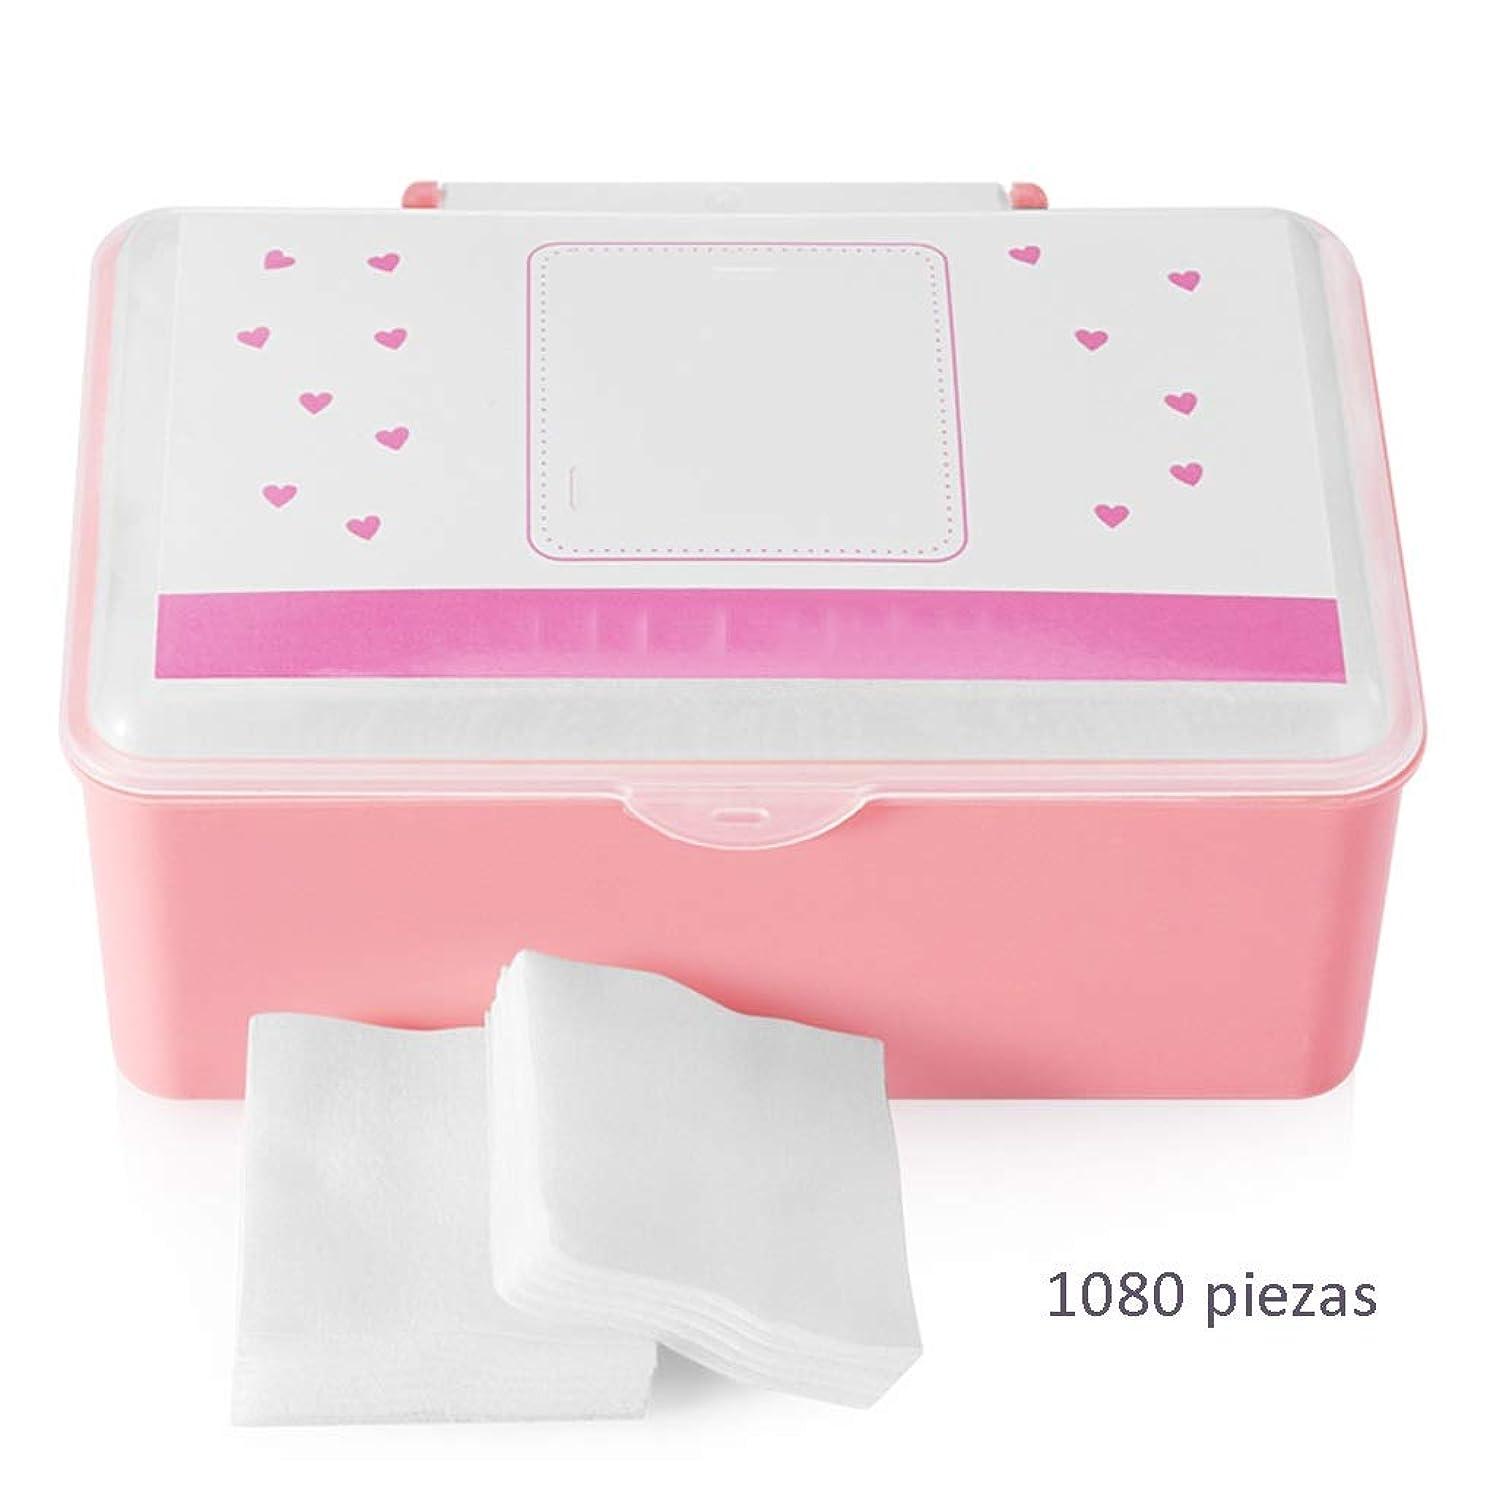 ネイティブジャンピングジャック非互換クレンジングシート コットンコットンクレンジングコットン女性の顔クリーンコットンパッドスクエアコットンパッド薄い水和ウェットドレスボックス(1080) (Color : White, サイズ : 5*6cm)